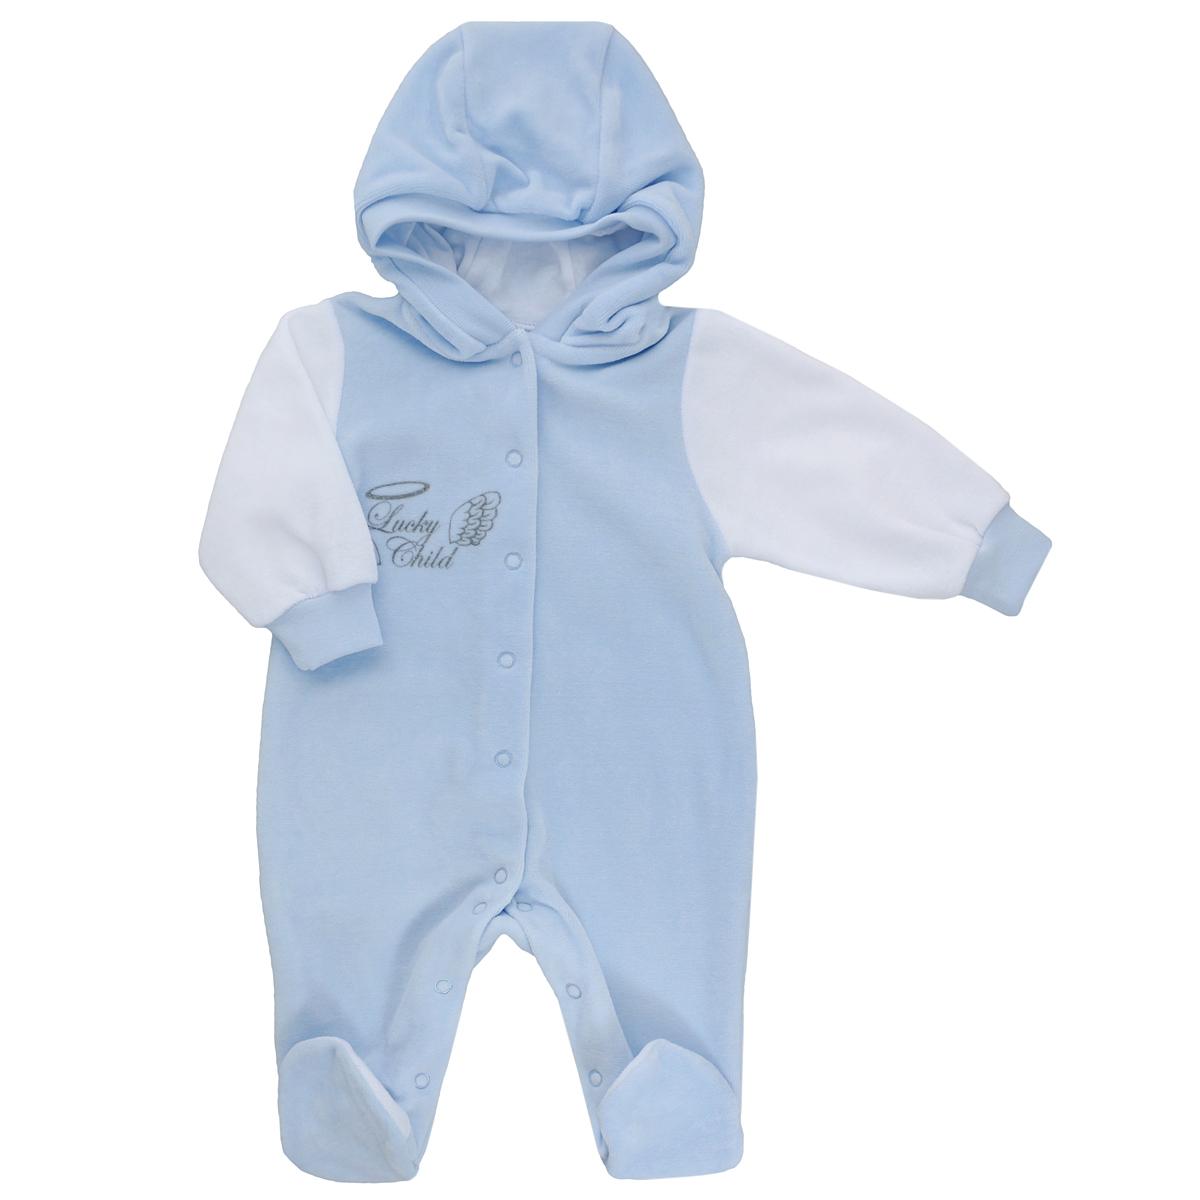 Комбинезон детский Lucky Child Ангелы, цвет: голубой, белый. 17-3. Размер 62/6817-3Детский комбинезон Lucky Child Ангелы - очень удобный и практичный вид одежды для малышей. Комбинезон выполнен из велюра, благодаря чему он необычайно мягкий и приятный на ощупь, не раздражает нежную кожу ребенка и хорошо вентилируется, а эластичные швы приятны телу малыша и не препятствуют его движениям. Комбинезон с капюшоном, длинными рукавами и закрытыми ножками имеет застежки-кнопки от горловины до щиколоток, которые помогают легко переодеть младенца или сменить подгузник. Край капюшона и рукава дополнены трикотажными резинками.Комбинезон на груди оформлен надписью в виде логотипа бренда и изображением крылышек, а на спинке дополнен текстильными крылышками, вышитыми металлизированной нитью. С детским комбинезоном Lucky Child спинка и ножки вашего малыша всегда будут в тепле, он идеален для использования днем и незаменим ночью. Комбинезон полностью соответствует особенностям жизни младенца в ранний период, не стесняя и не ограничивая его в движениях!